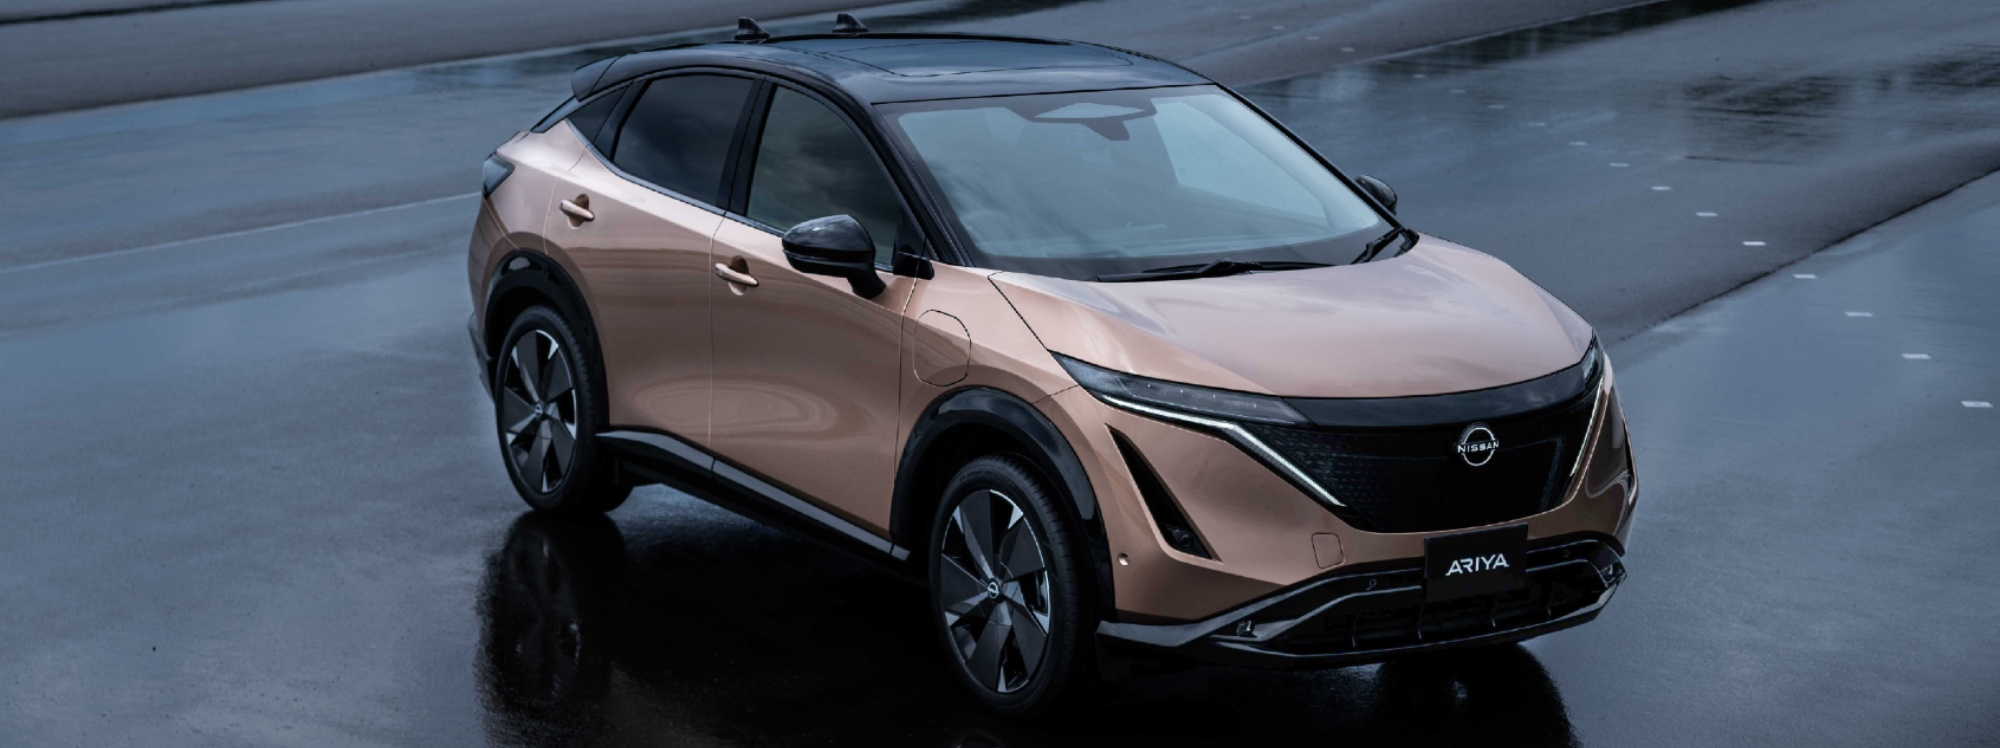 Nissan tiene la mirada puesta en el carbono neutral para 2050